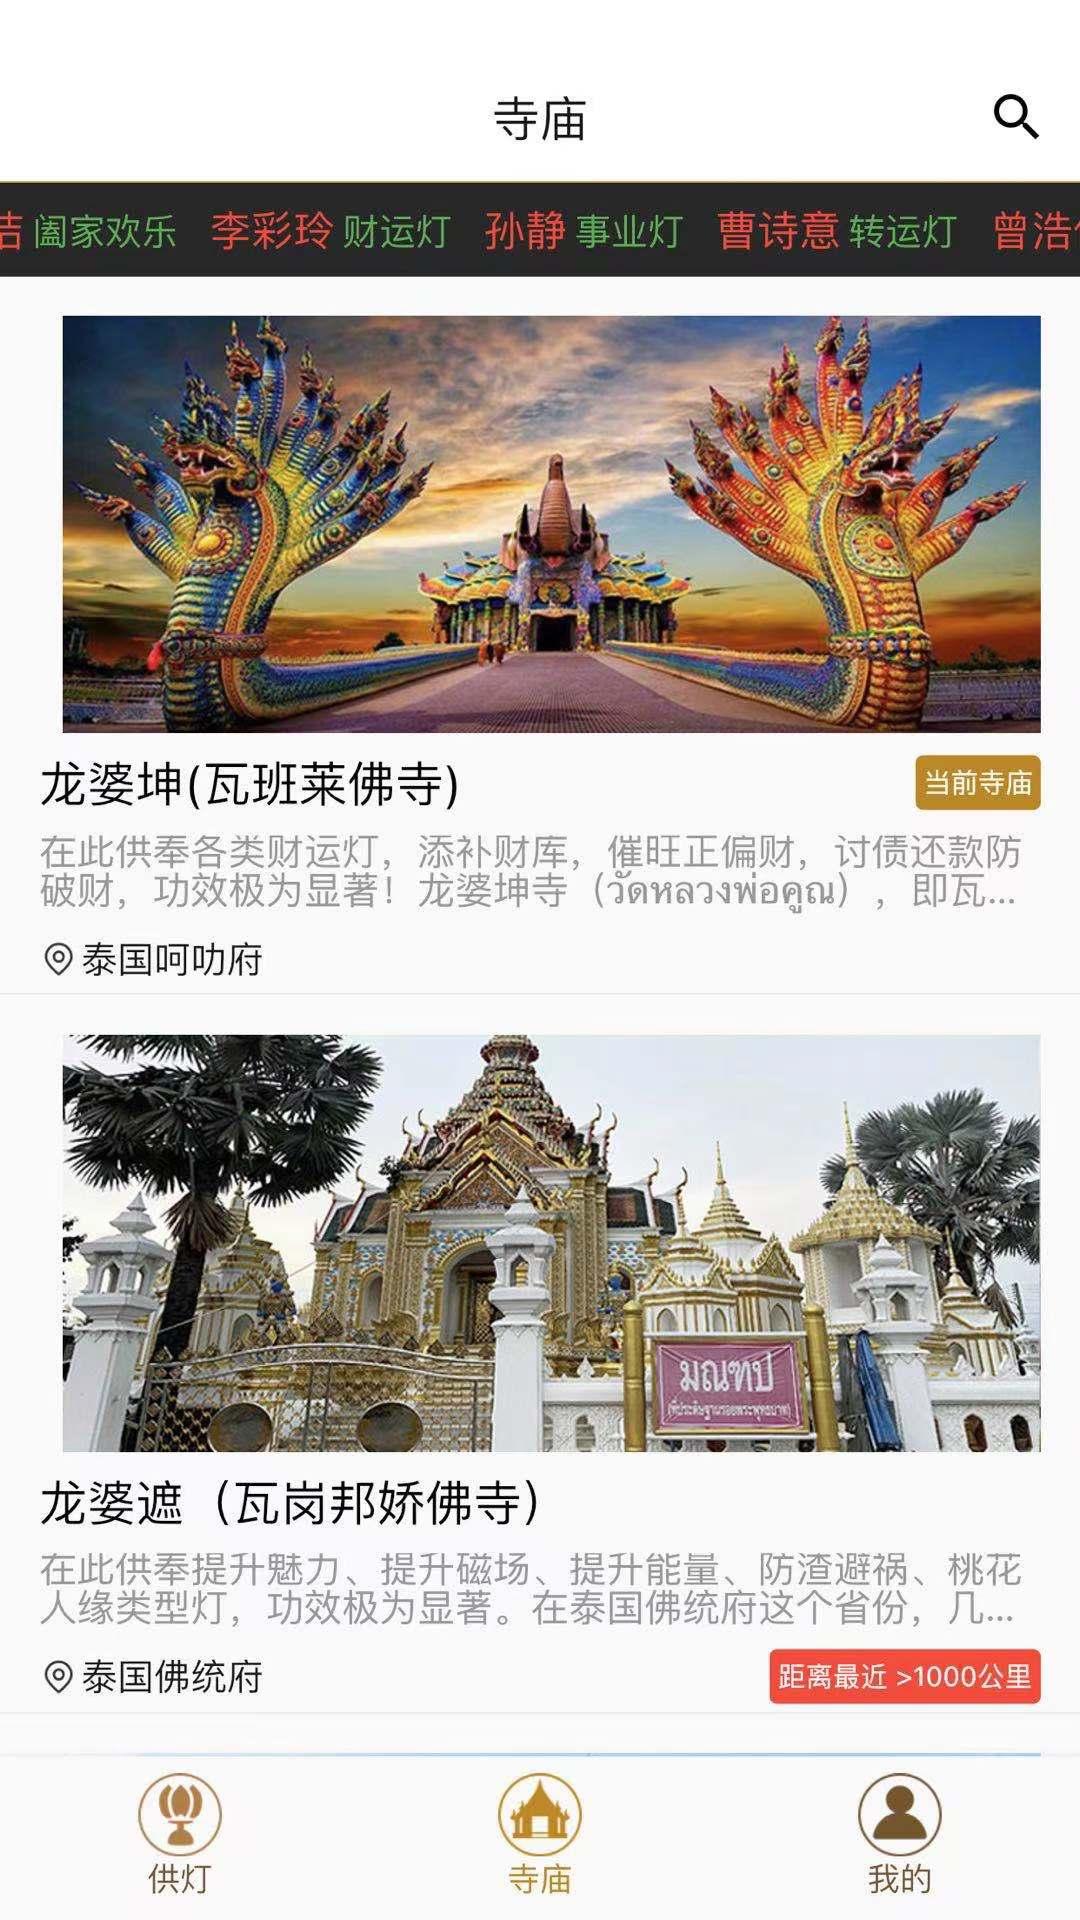 寺庙app,学习佛教的APP推荐,专属寺院APP源码-芊雅企服